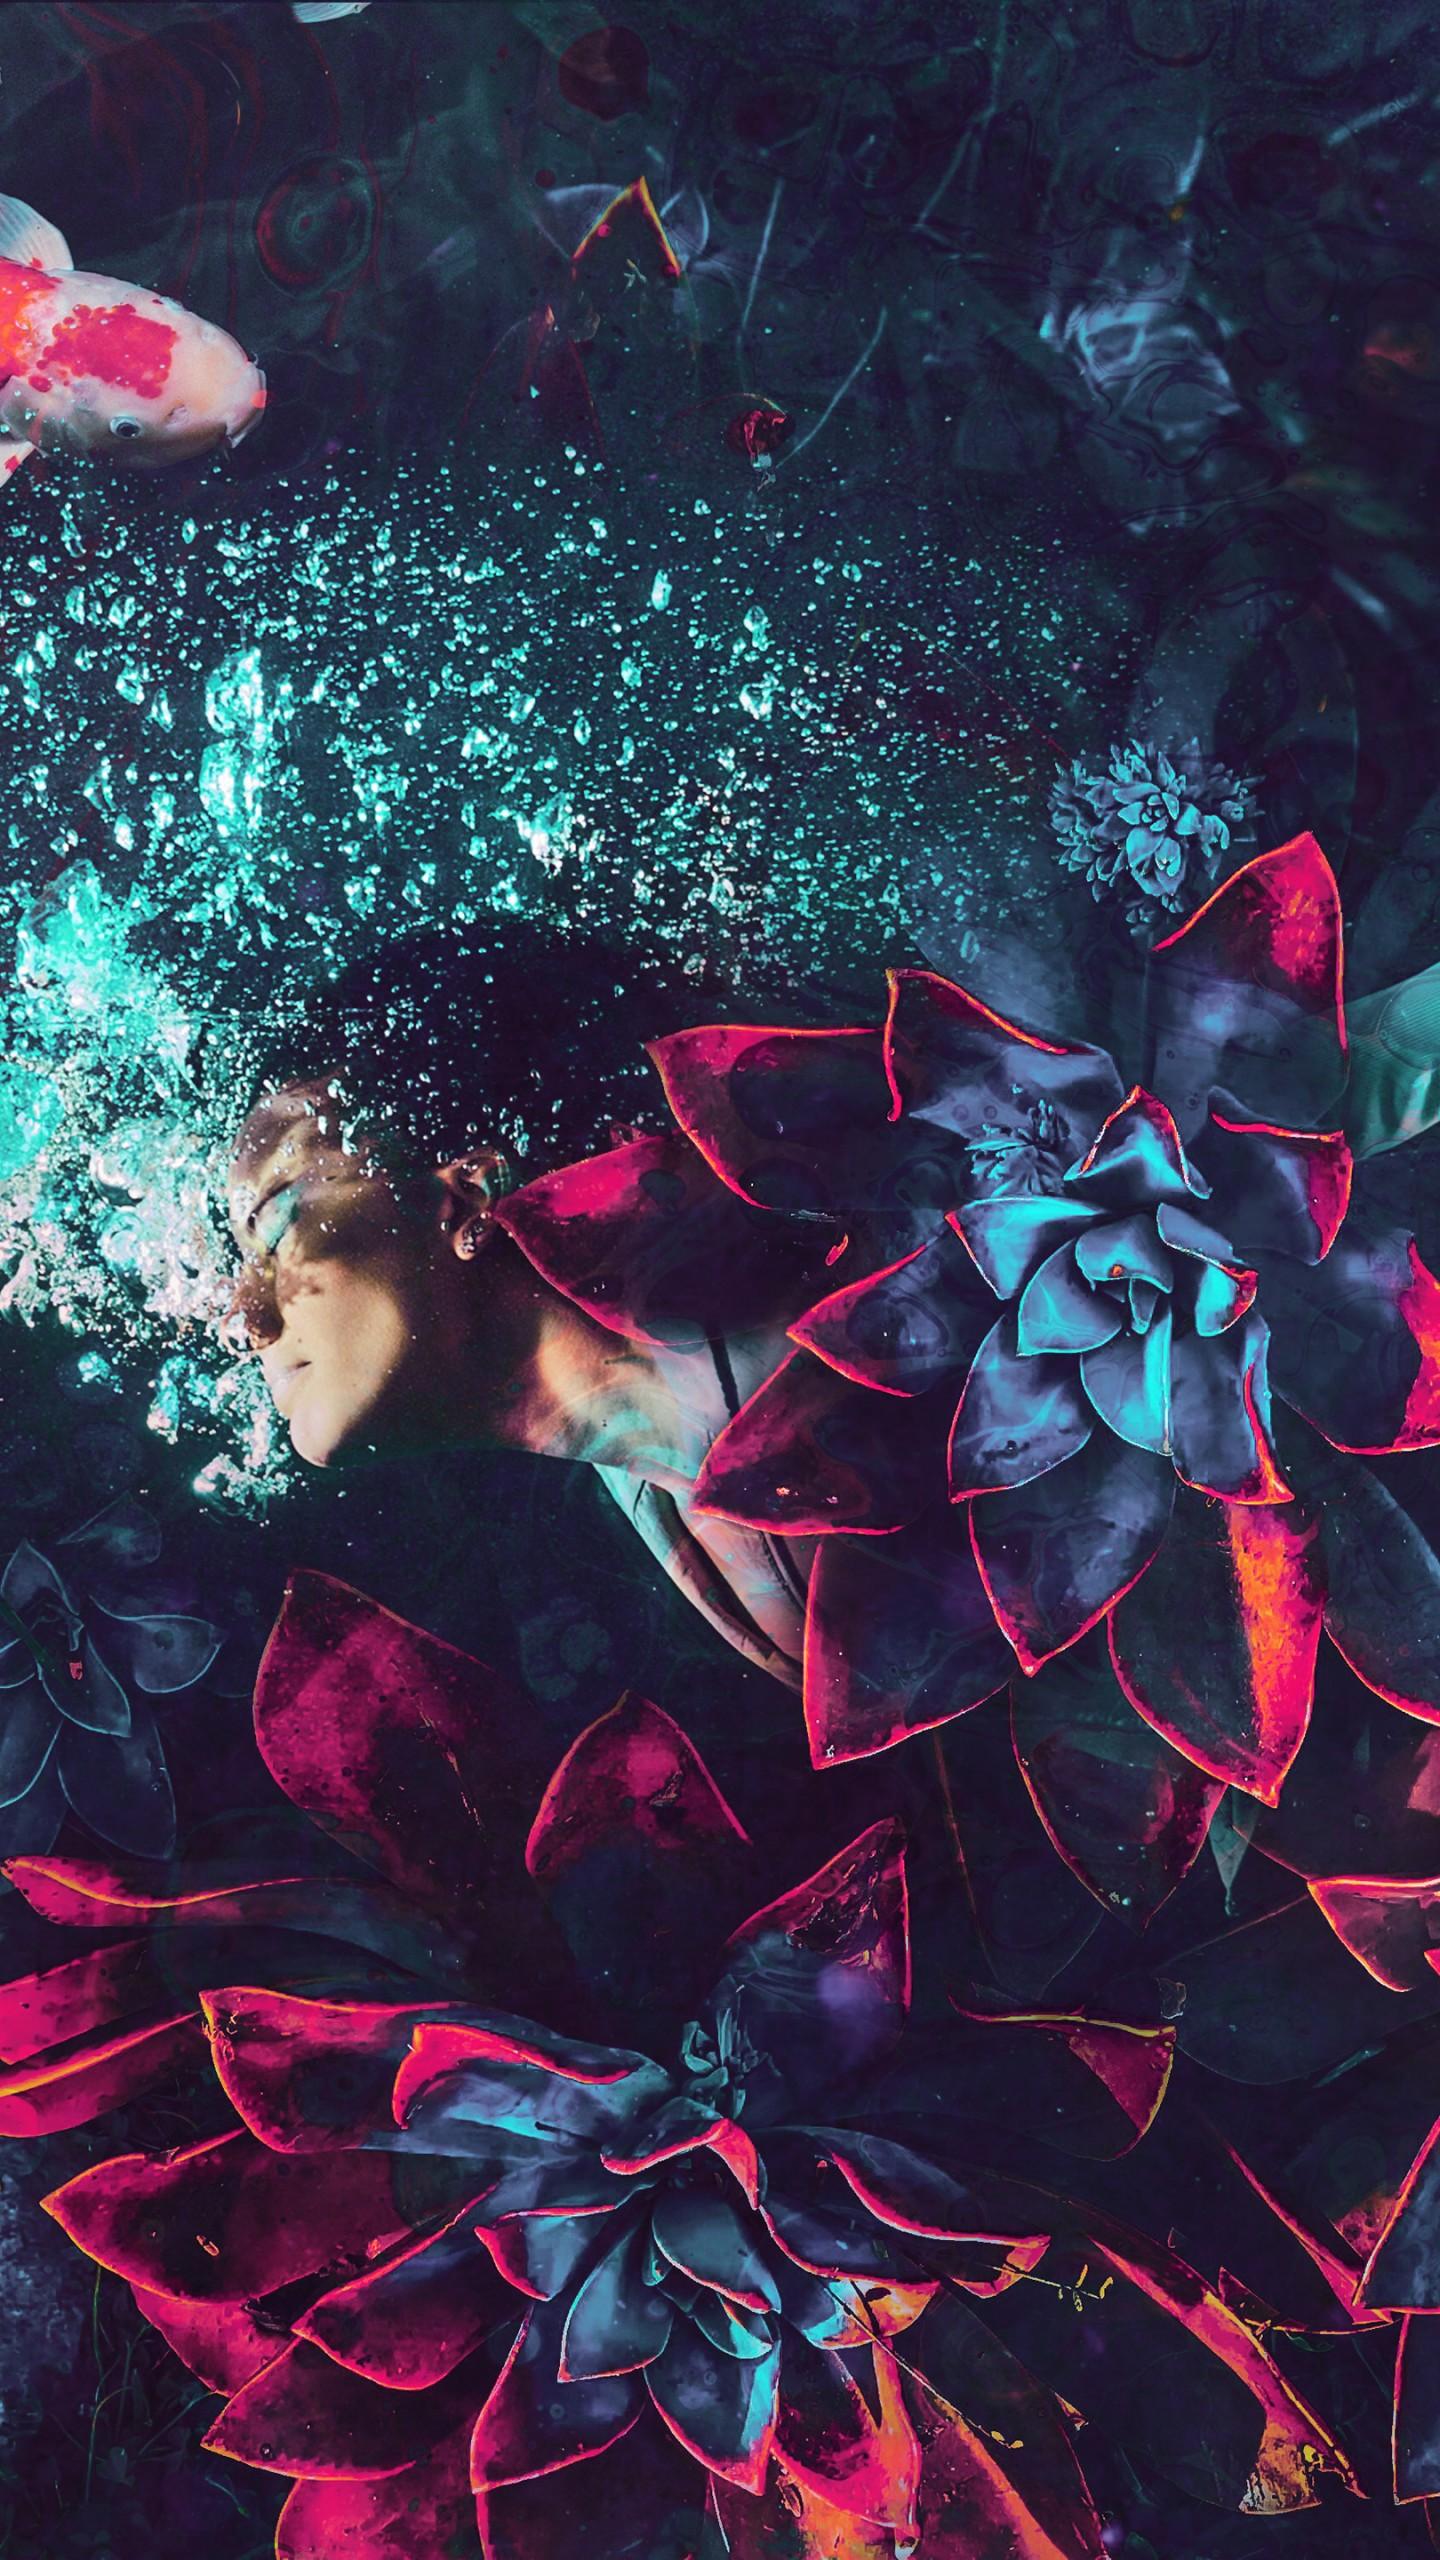 عکس زمینه رویای زن در زیر آب فانتزی پس زمینه